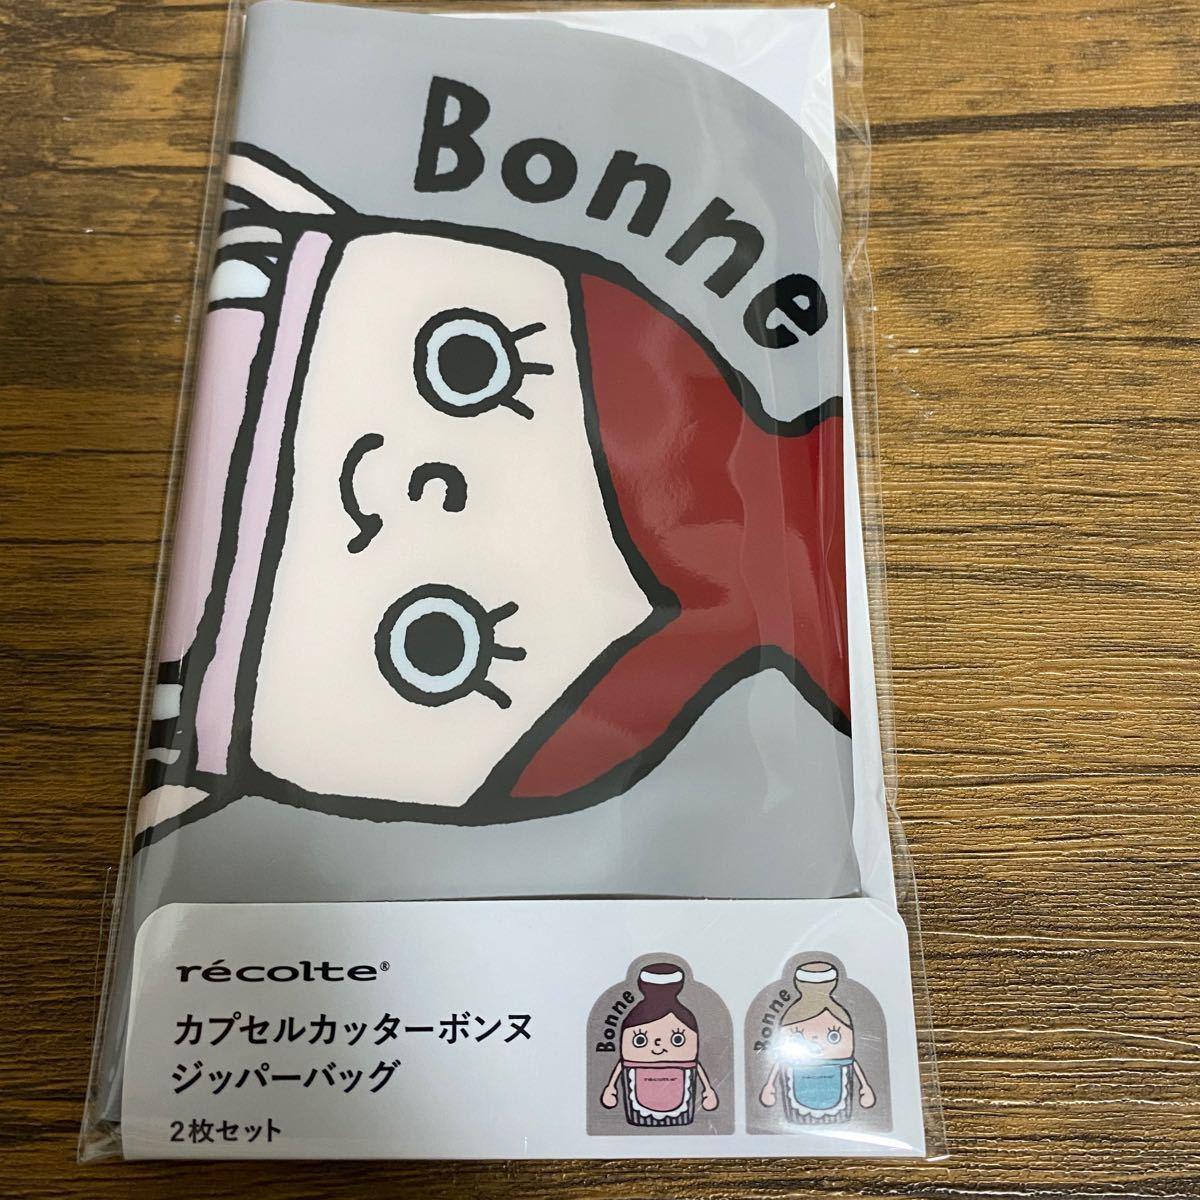 【新品未使用】レコルト カプセルカッター ボンヌ クリームホワイト※ オマケ付